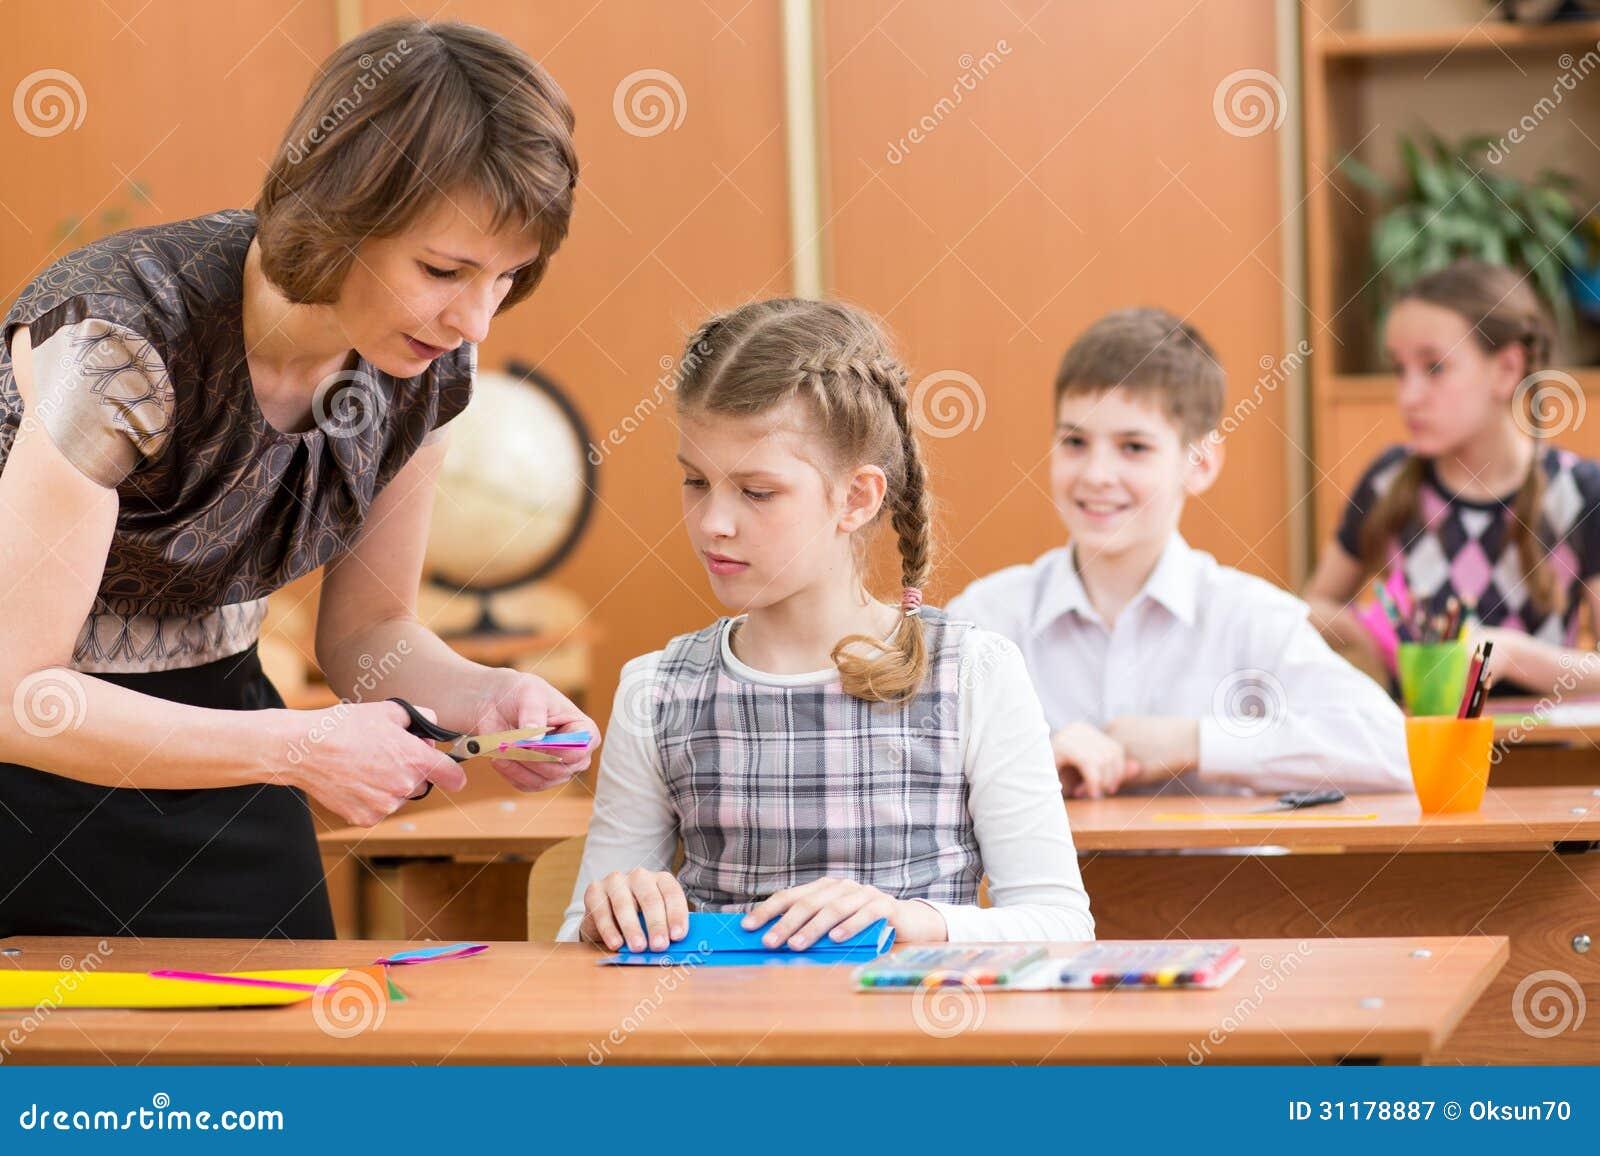 Фото девочка на уроке 16 фотография